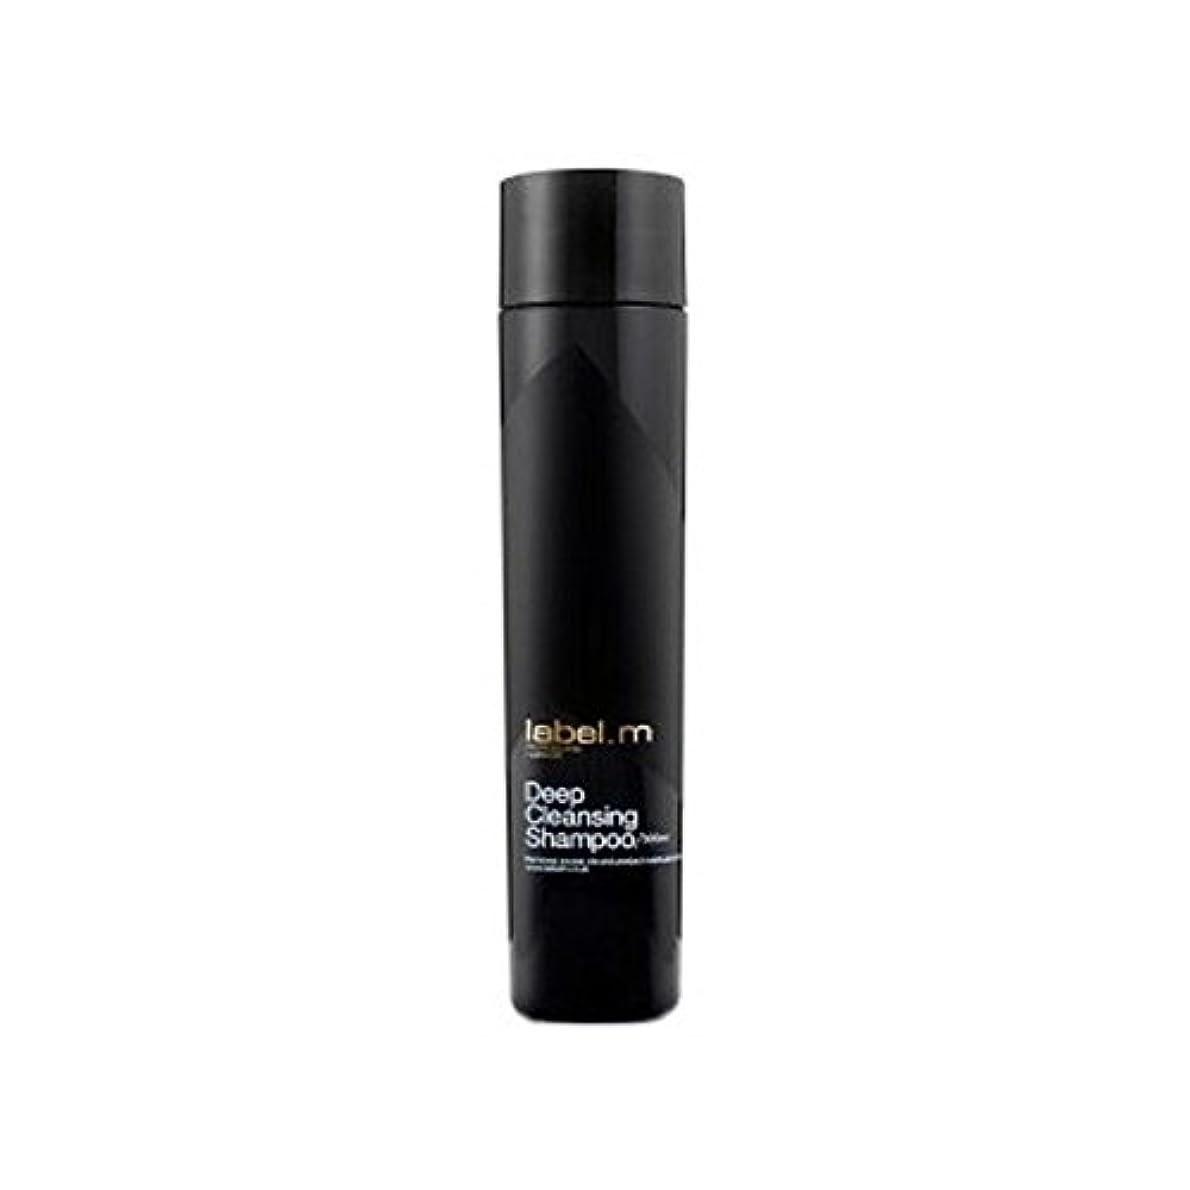 合法合法系統的Label.M Deep Cleansing Shampoo (300ml) - .ディープクレンジングシャンプー(300ミリリットル) [並行輸入品]